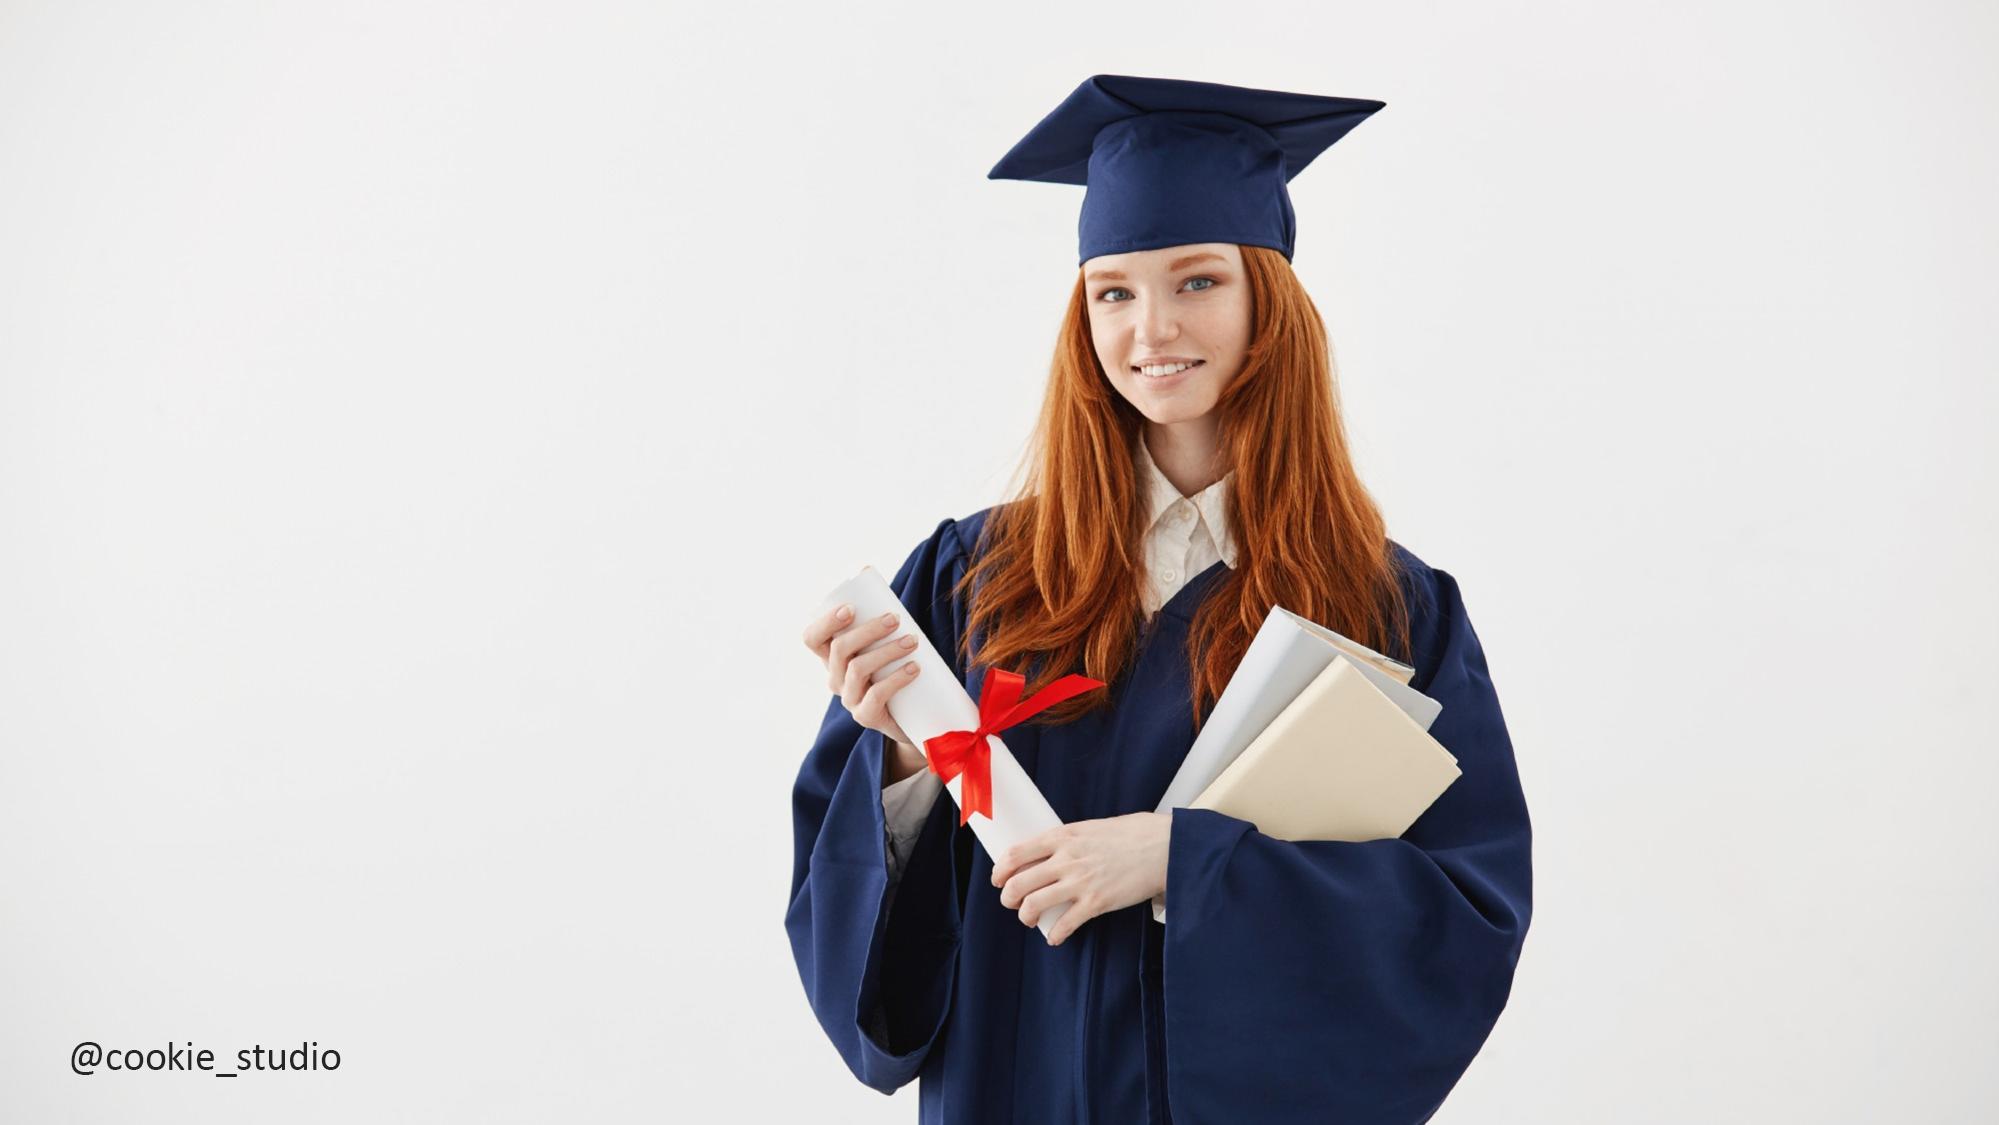 Tiga Kesalahan Yang Sering Dilakukan Fresh Graduate Saat Melamar Kerja